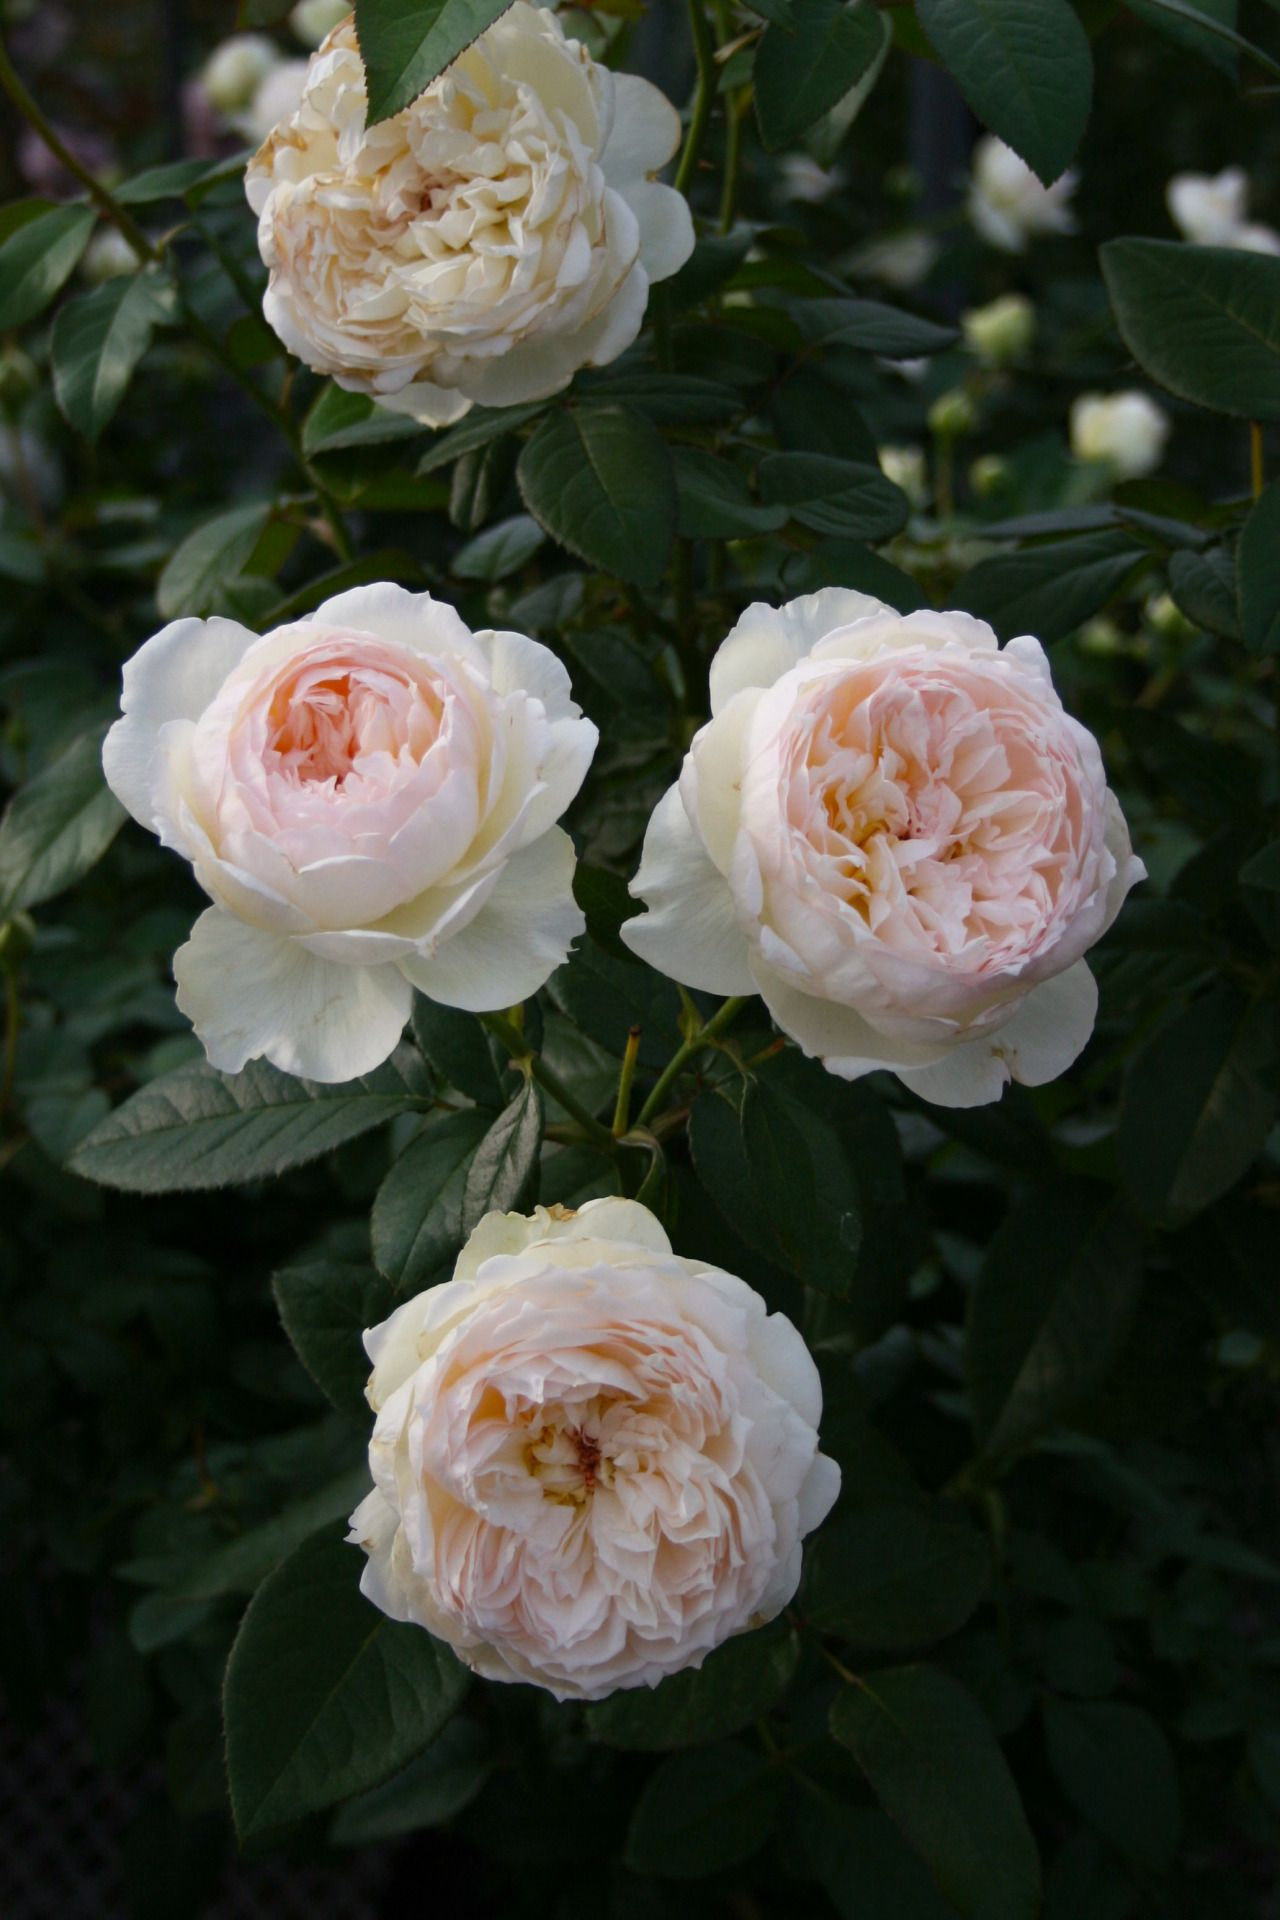 Bolero ボレロ メイアン社 発売から10年以上経過していますが 現在でも白色のシュラブでは 一番人気です フルーツ香の強香があり 低温時には桃色が強くのります 耐病性もあるので初心者の方にも オススメですよ 6寸 3500 バラの壁紙 バラ ボレロ